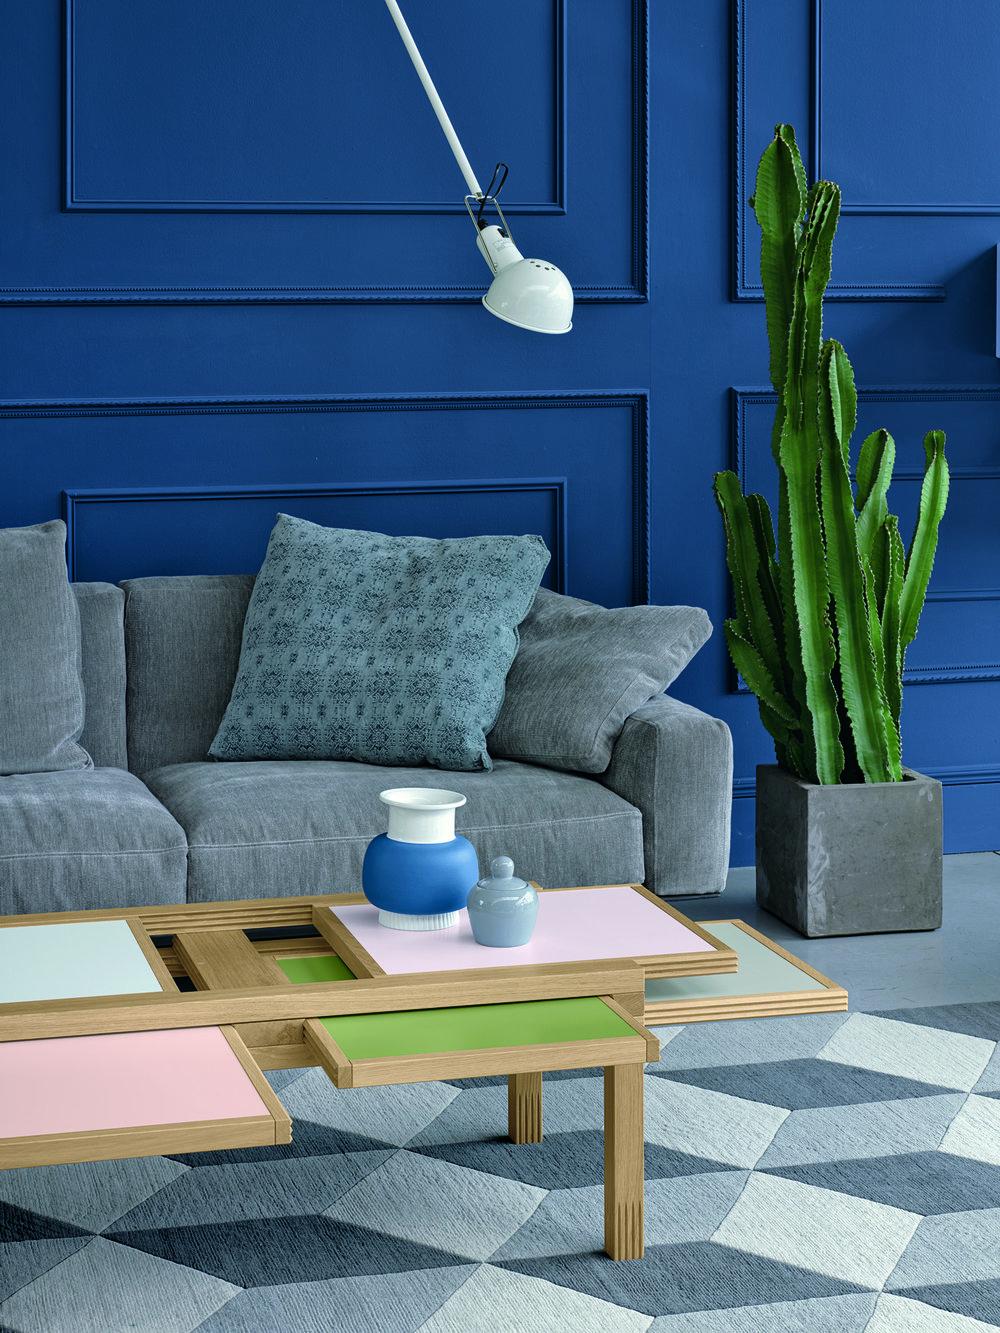 MÖBEL - Besonderes und Schönes für Ihr Zuhause.Vom einzelnen Möbelstück bis zur ganzheitlichen Planung von Haus oder Wohnung – wir unterstützen Sie gerne.mehr ➝